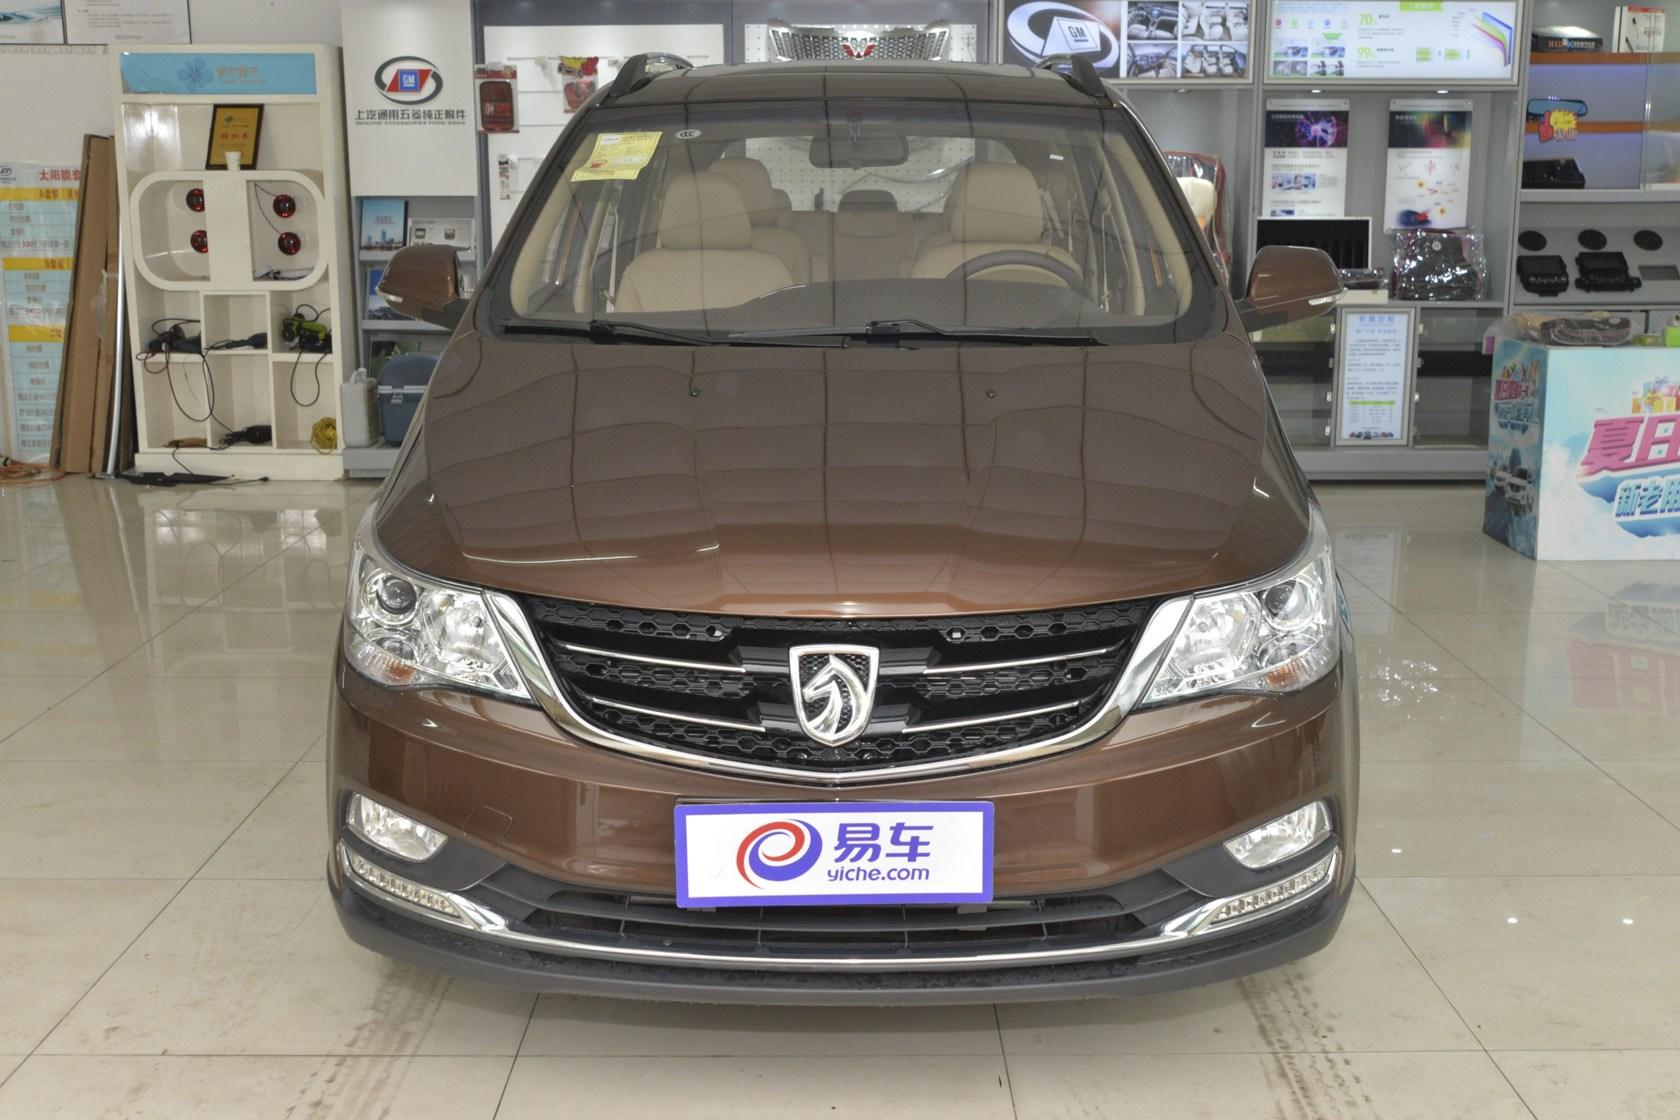 宝骏730经典款AMT车型官降 降幅6000元